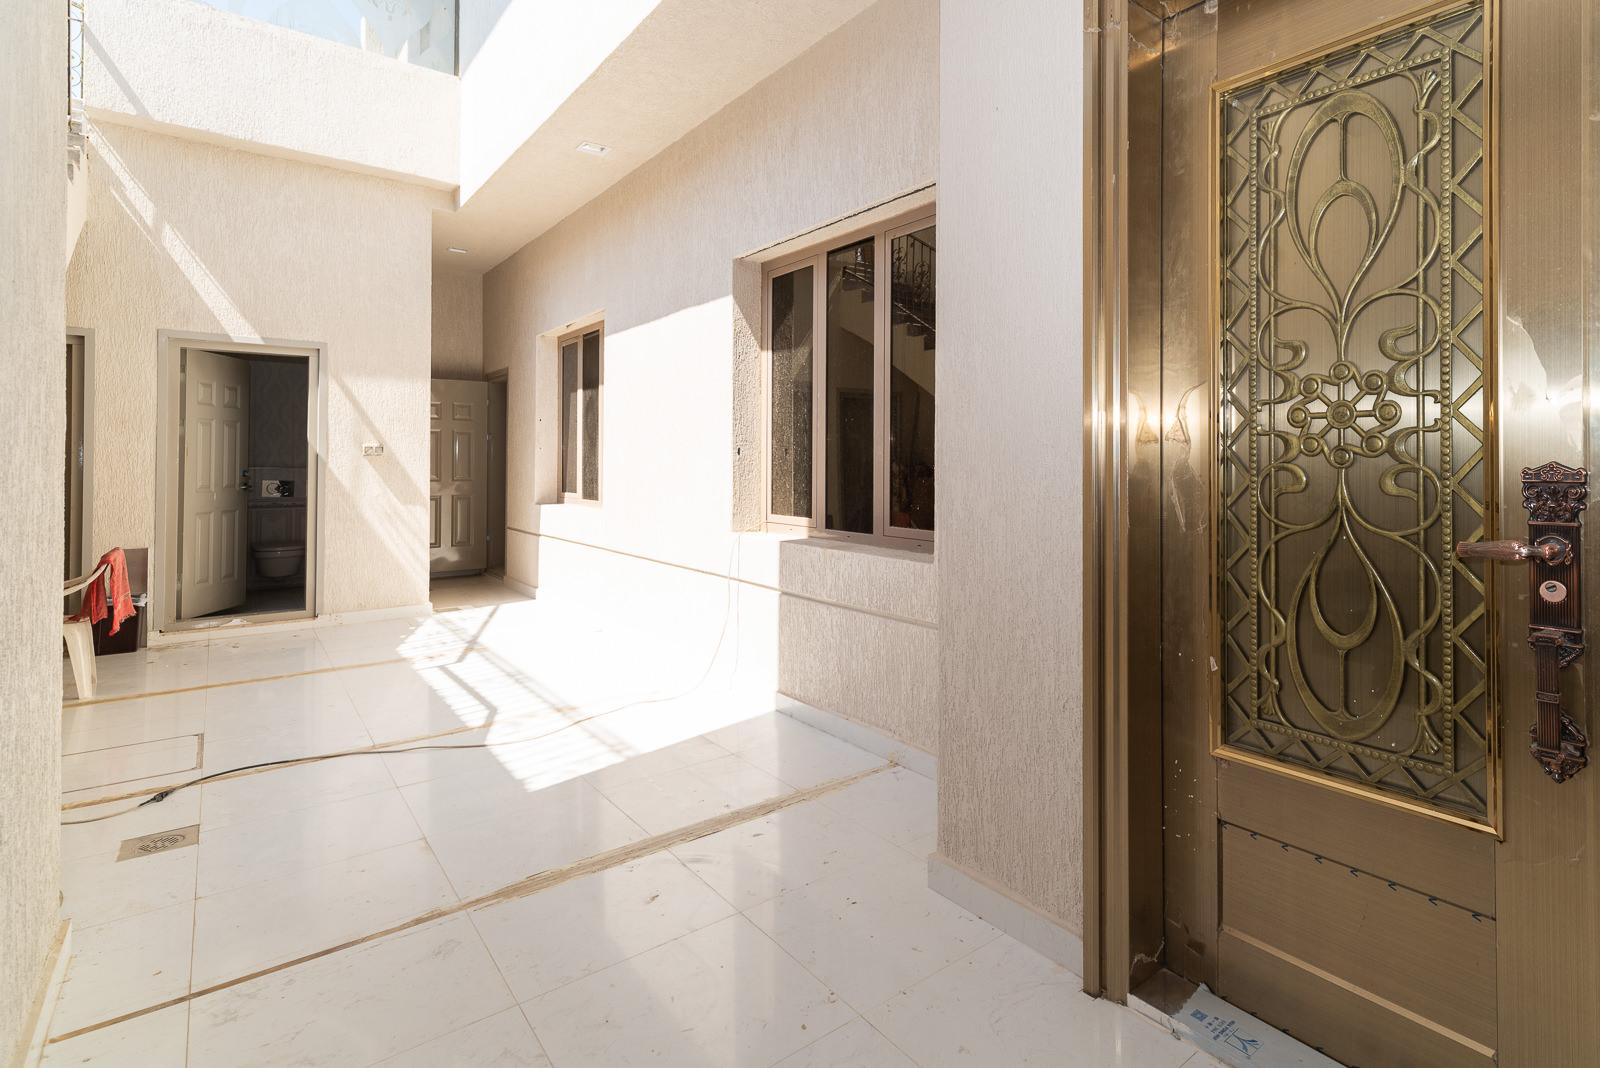 Sulaibikhat – new, spacious villa suitable for companies